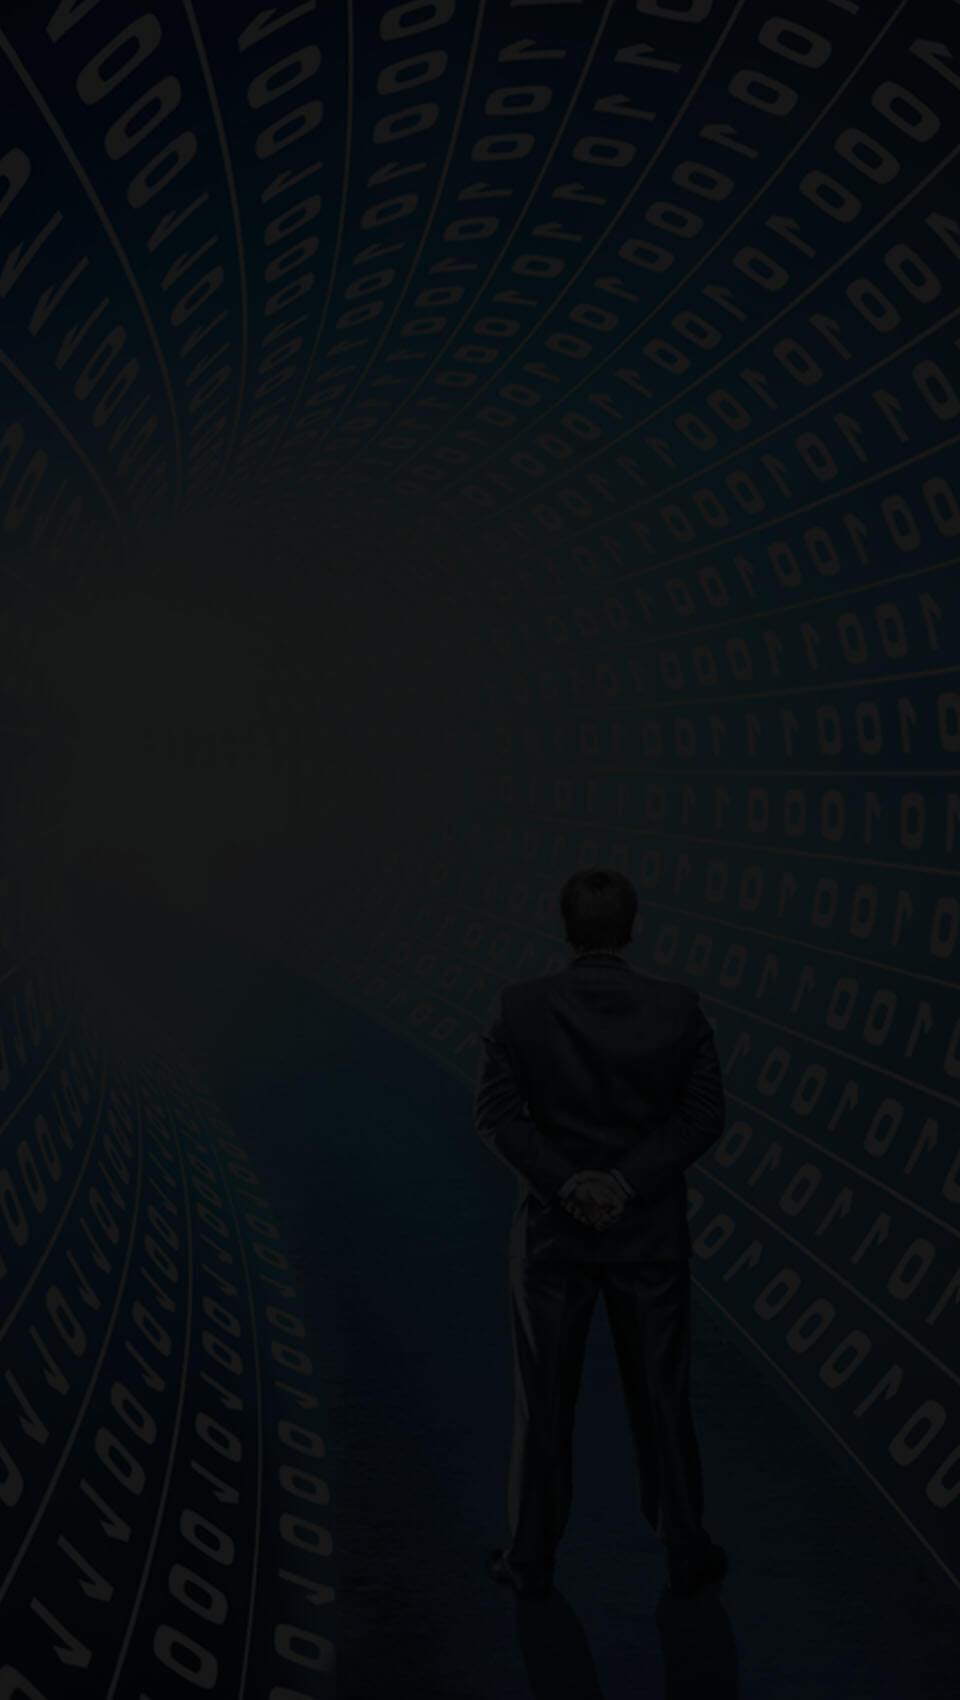 isyx_ingage - microsoft - buzztm -